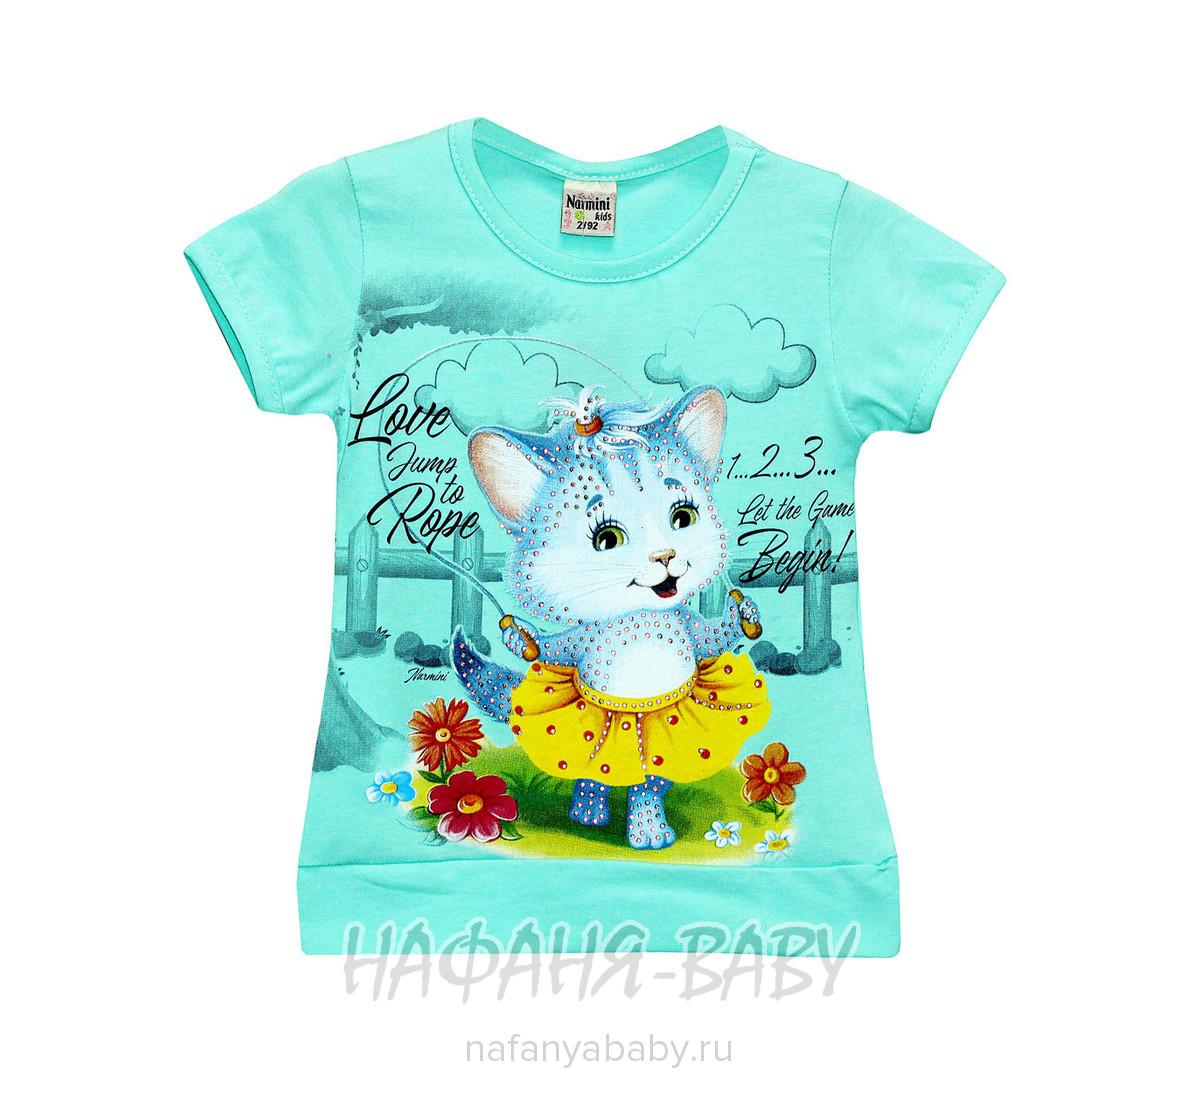 Детская футболка NARMINI арт: 5575, 1-4 года, 5-9 лет, оптом Турция